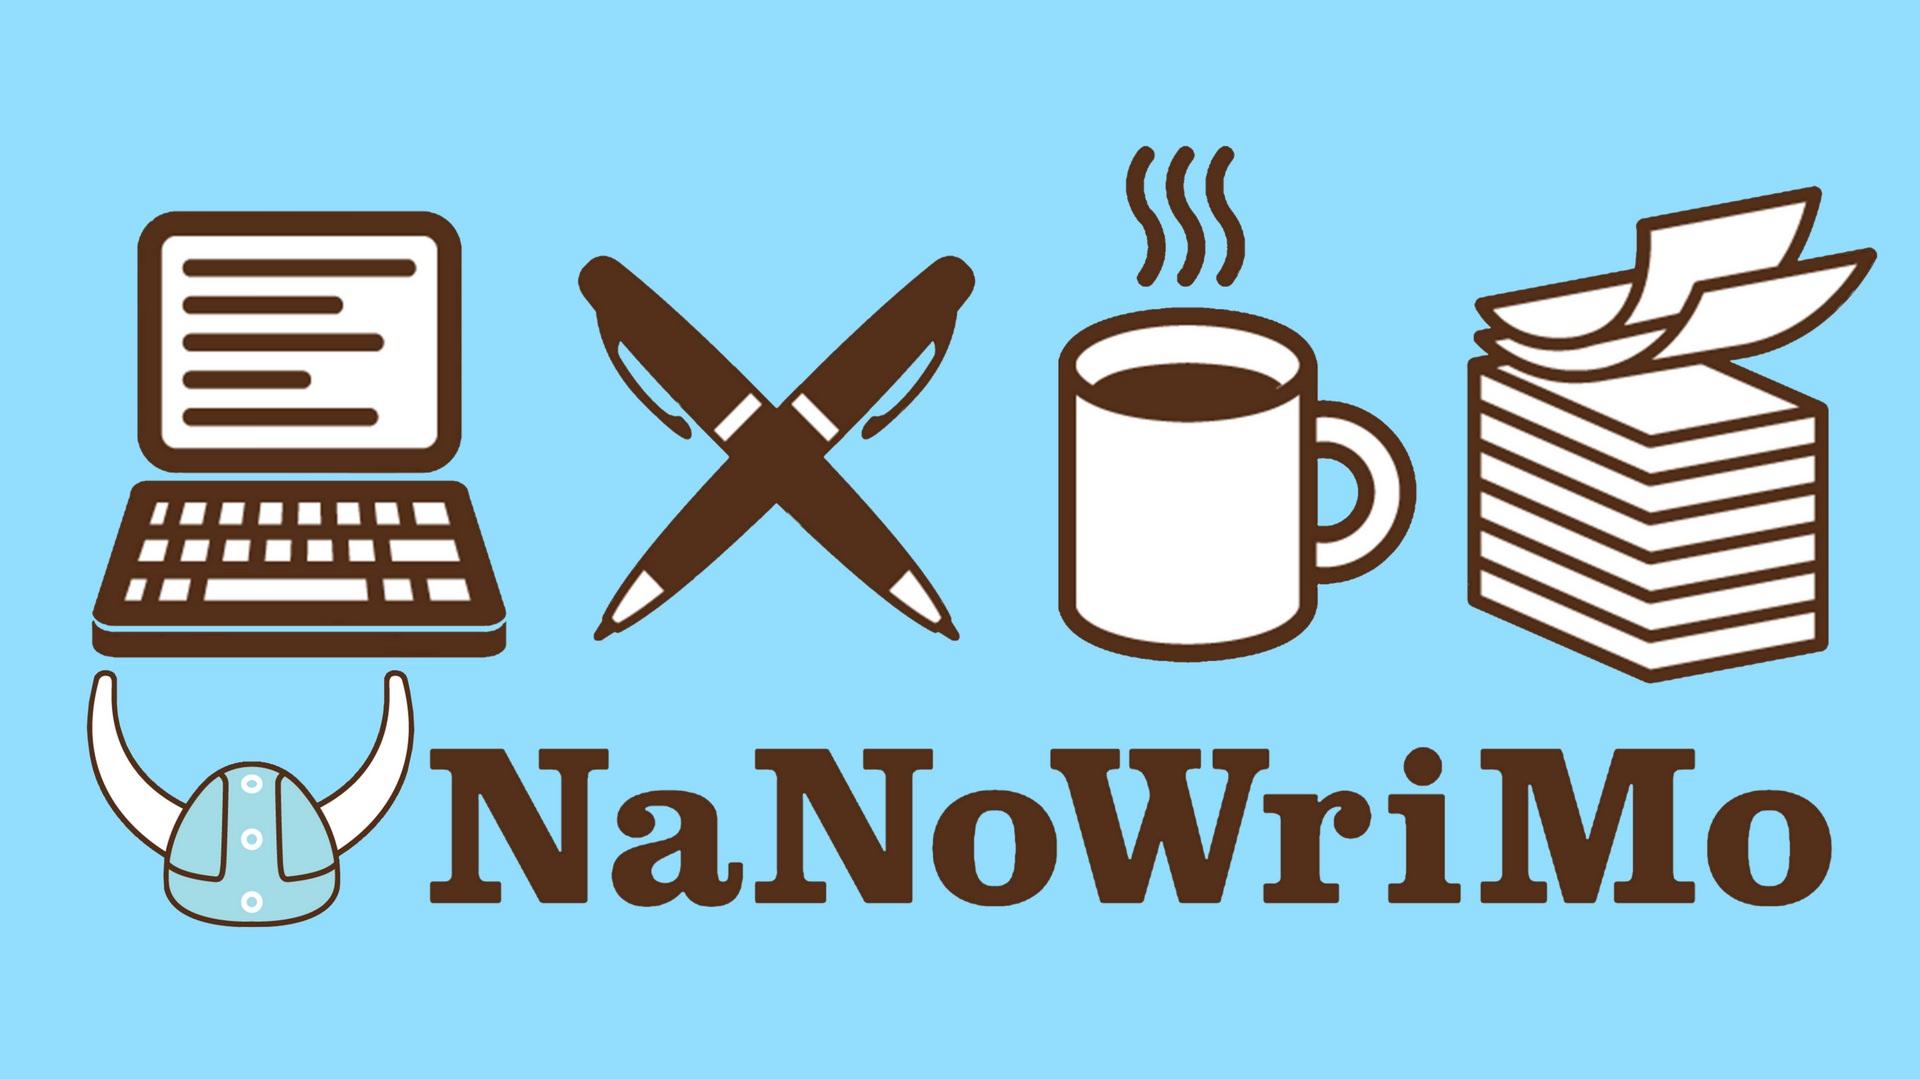 NaNoWriMo Come Write In